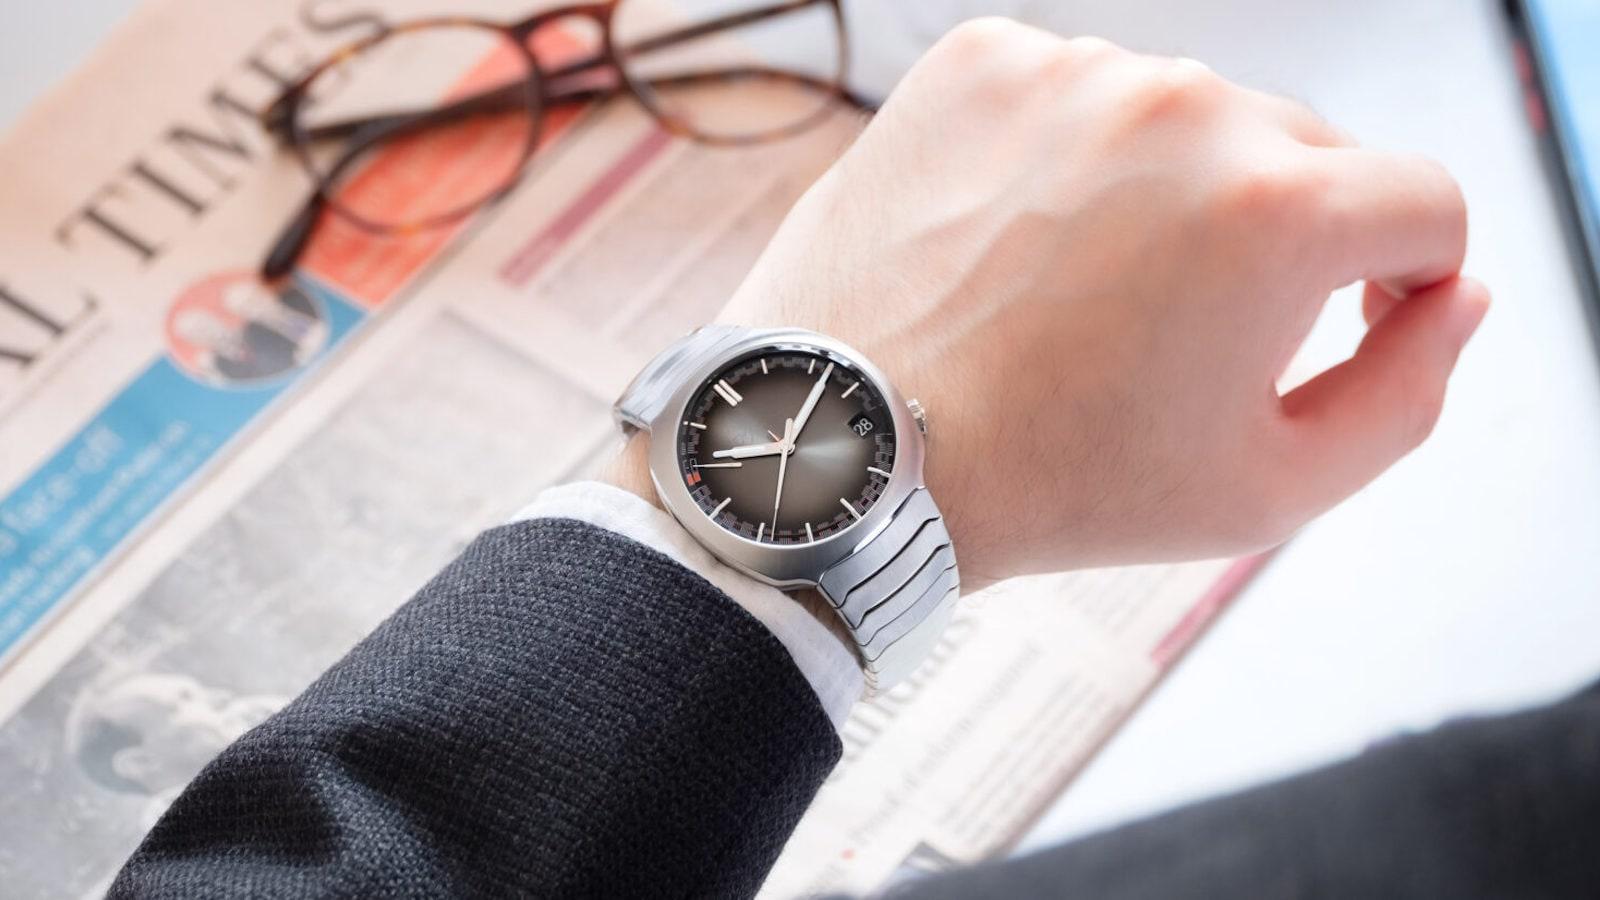 H-Moser-Cie-Streamliner-Perpetual-Calendar-steel-watch-01.jpeg